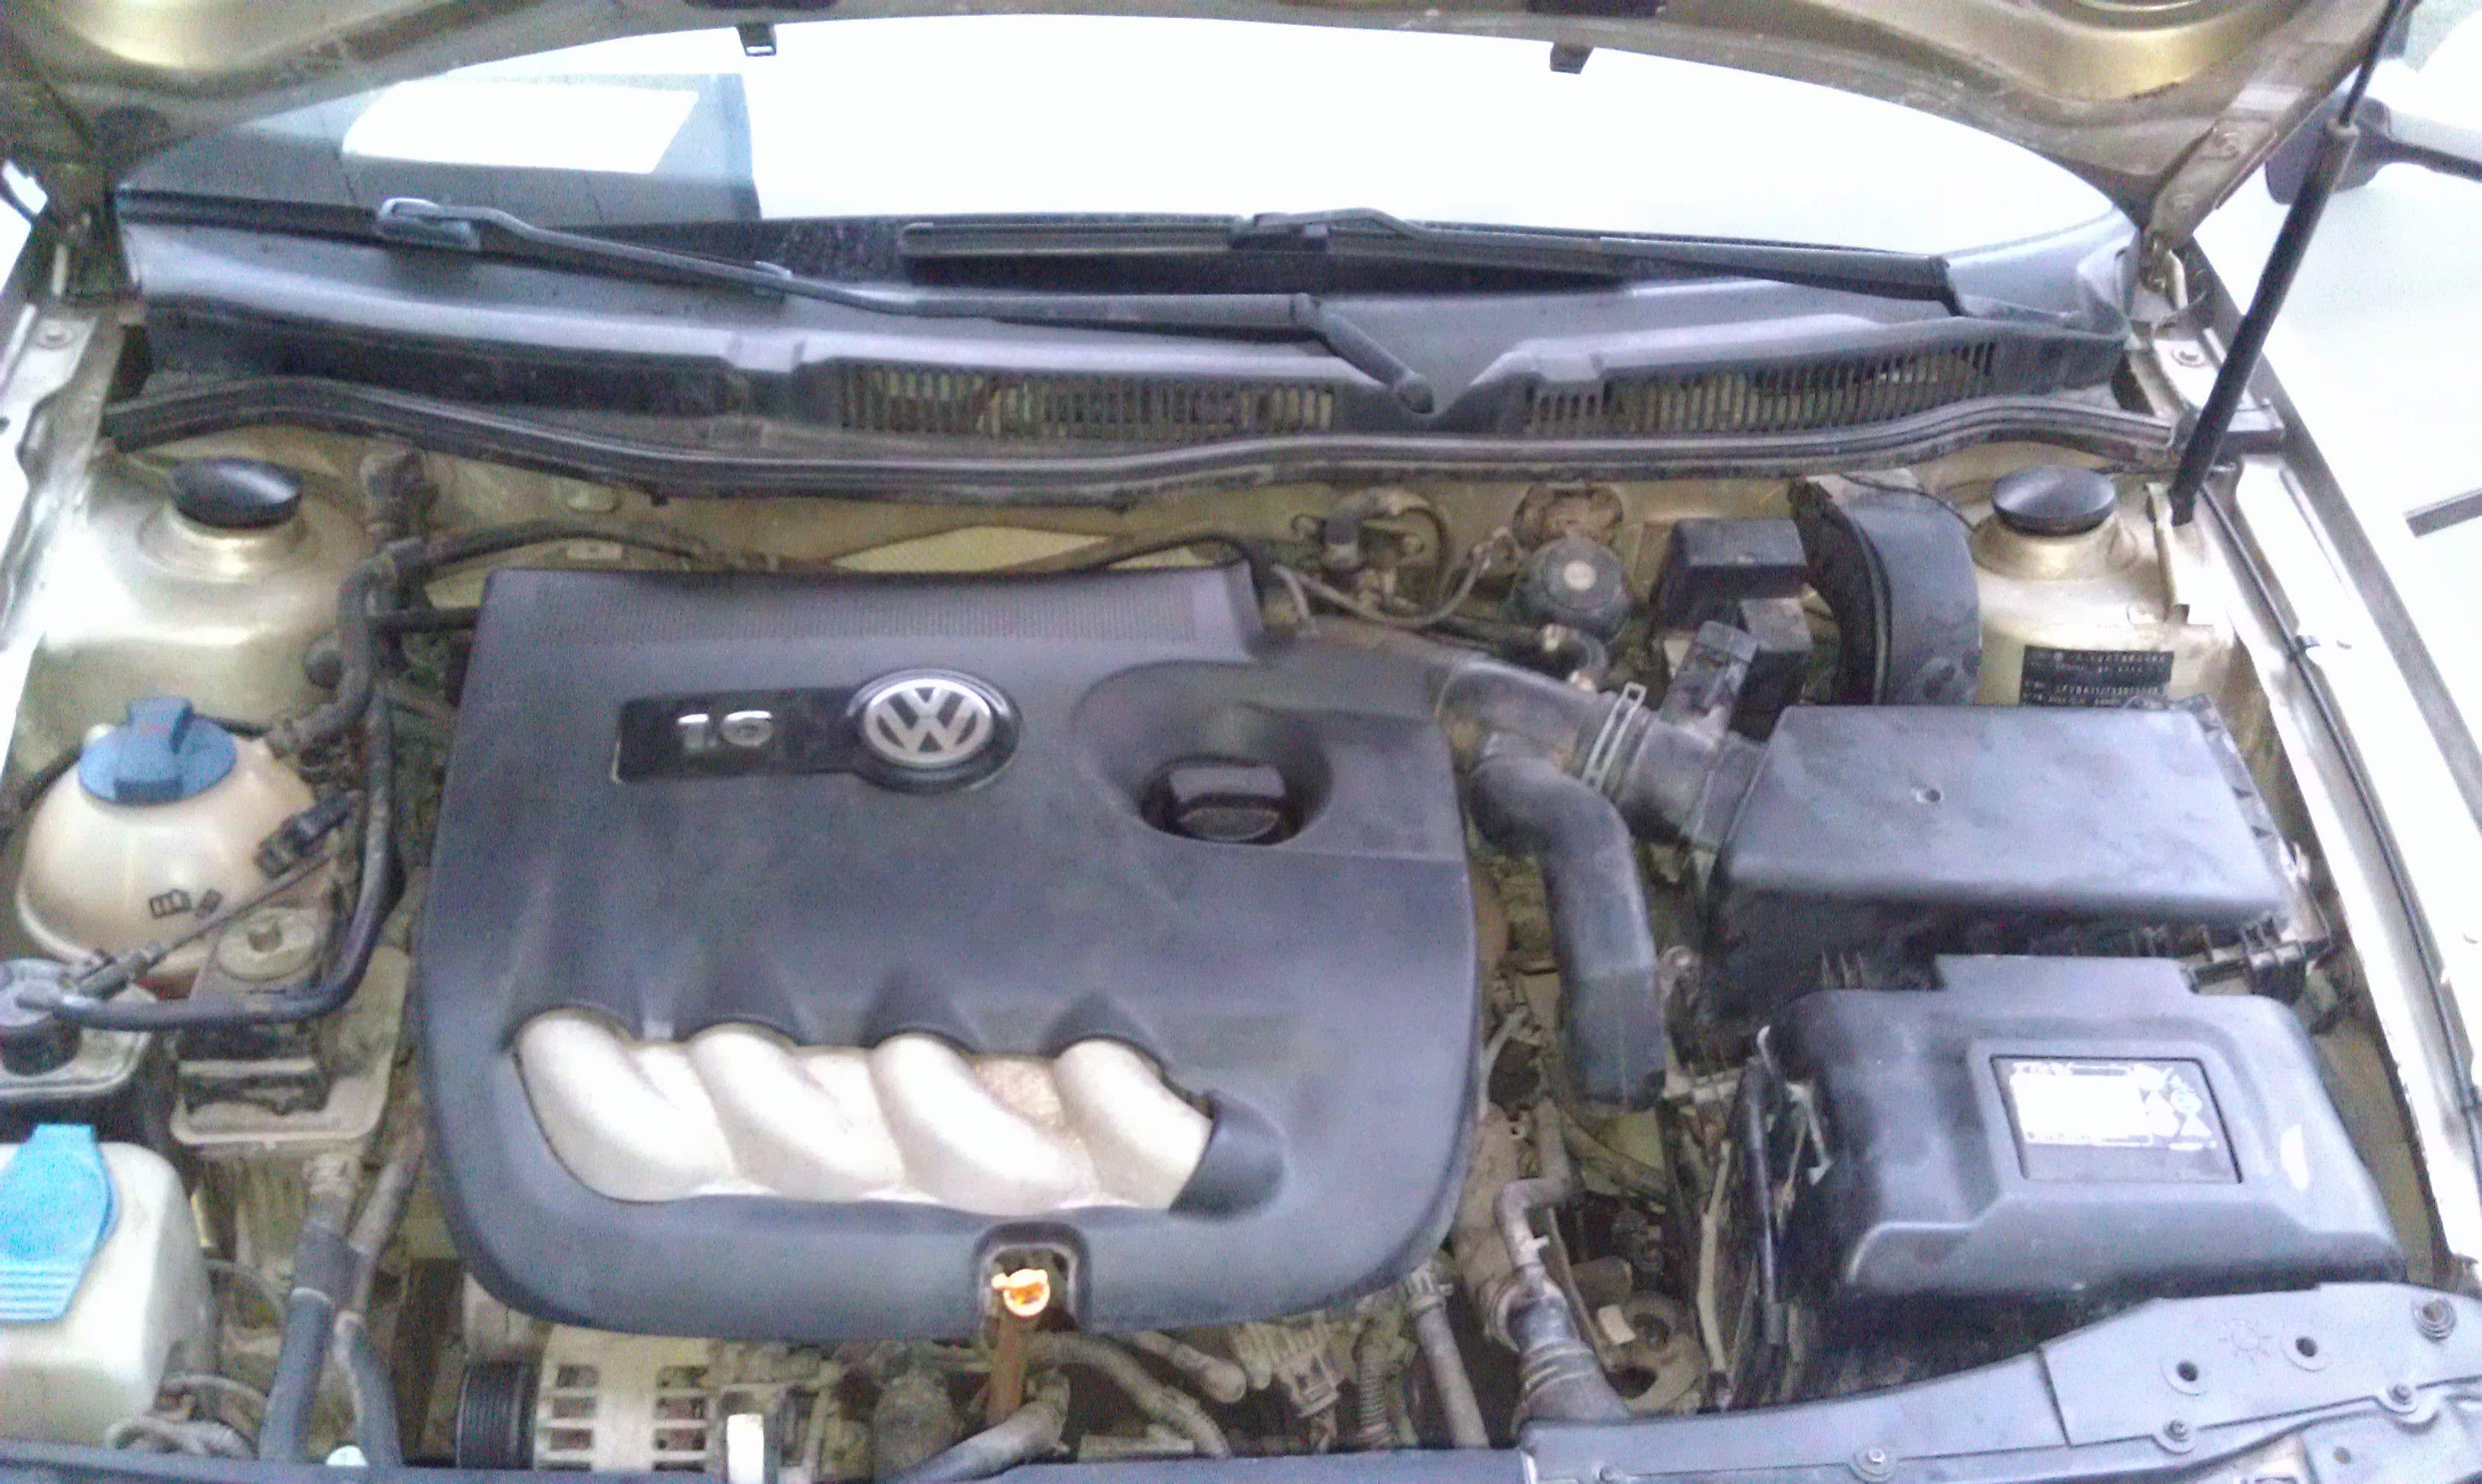 老宝来1.6/5v awb发动机与奇瑞旗云用的1.6宝马mini发动机对比?